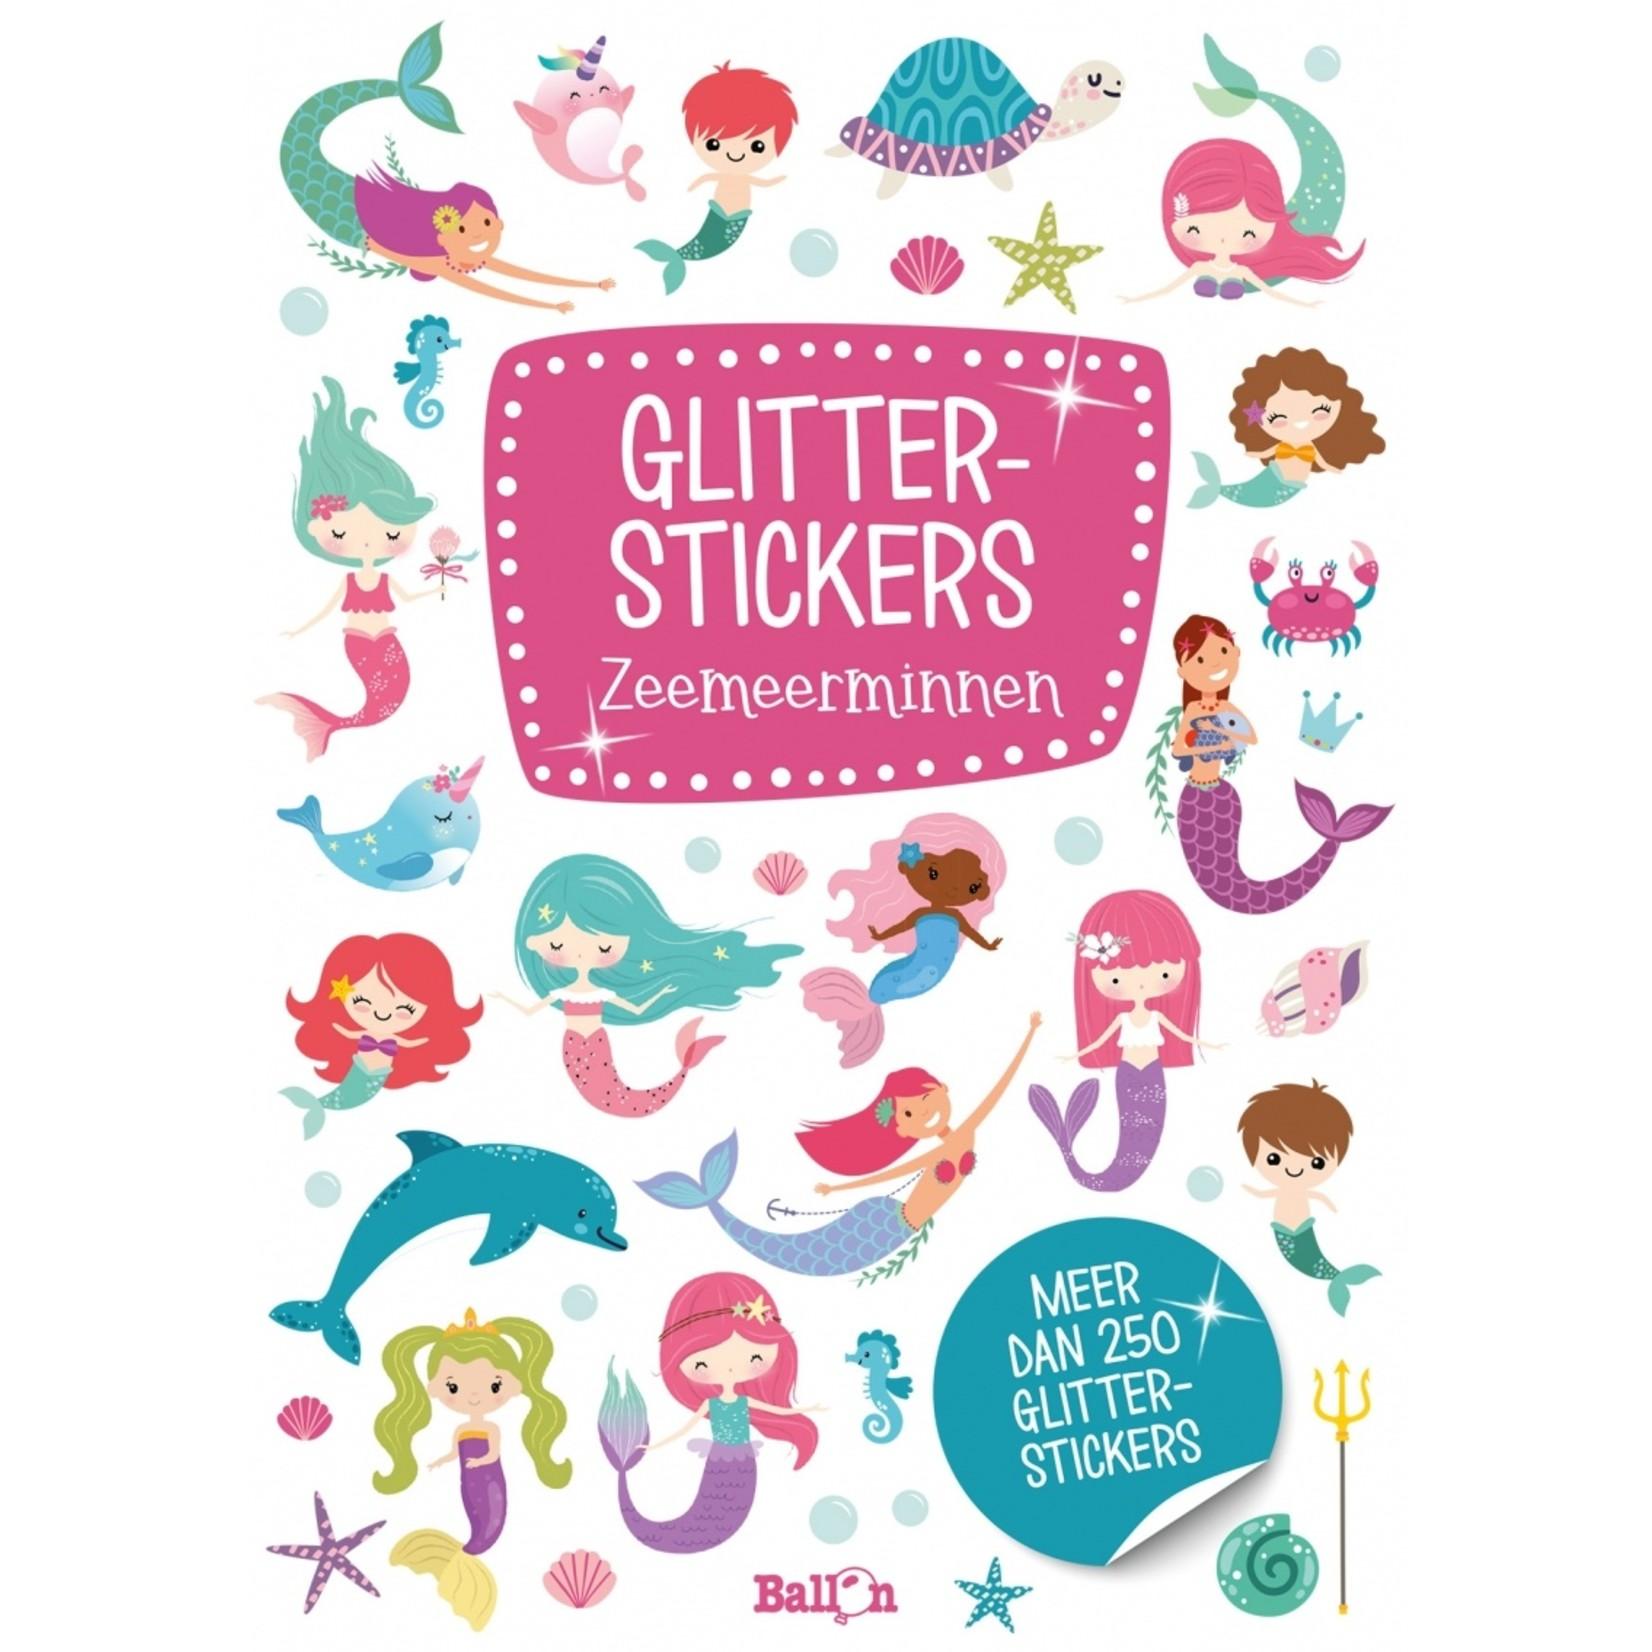 Glitter stickers Zeemeerminnen